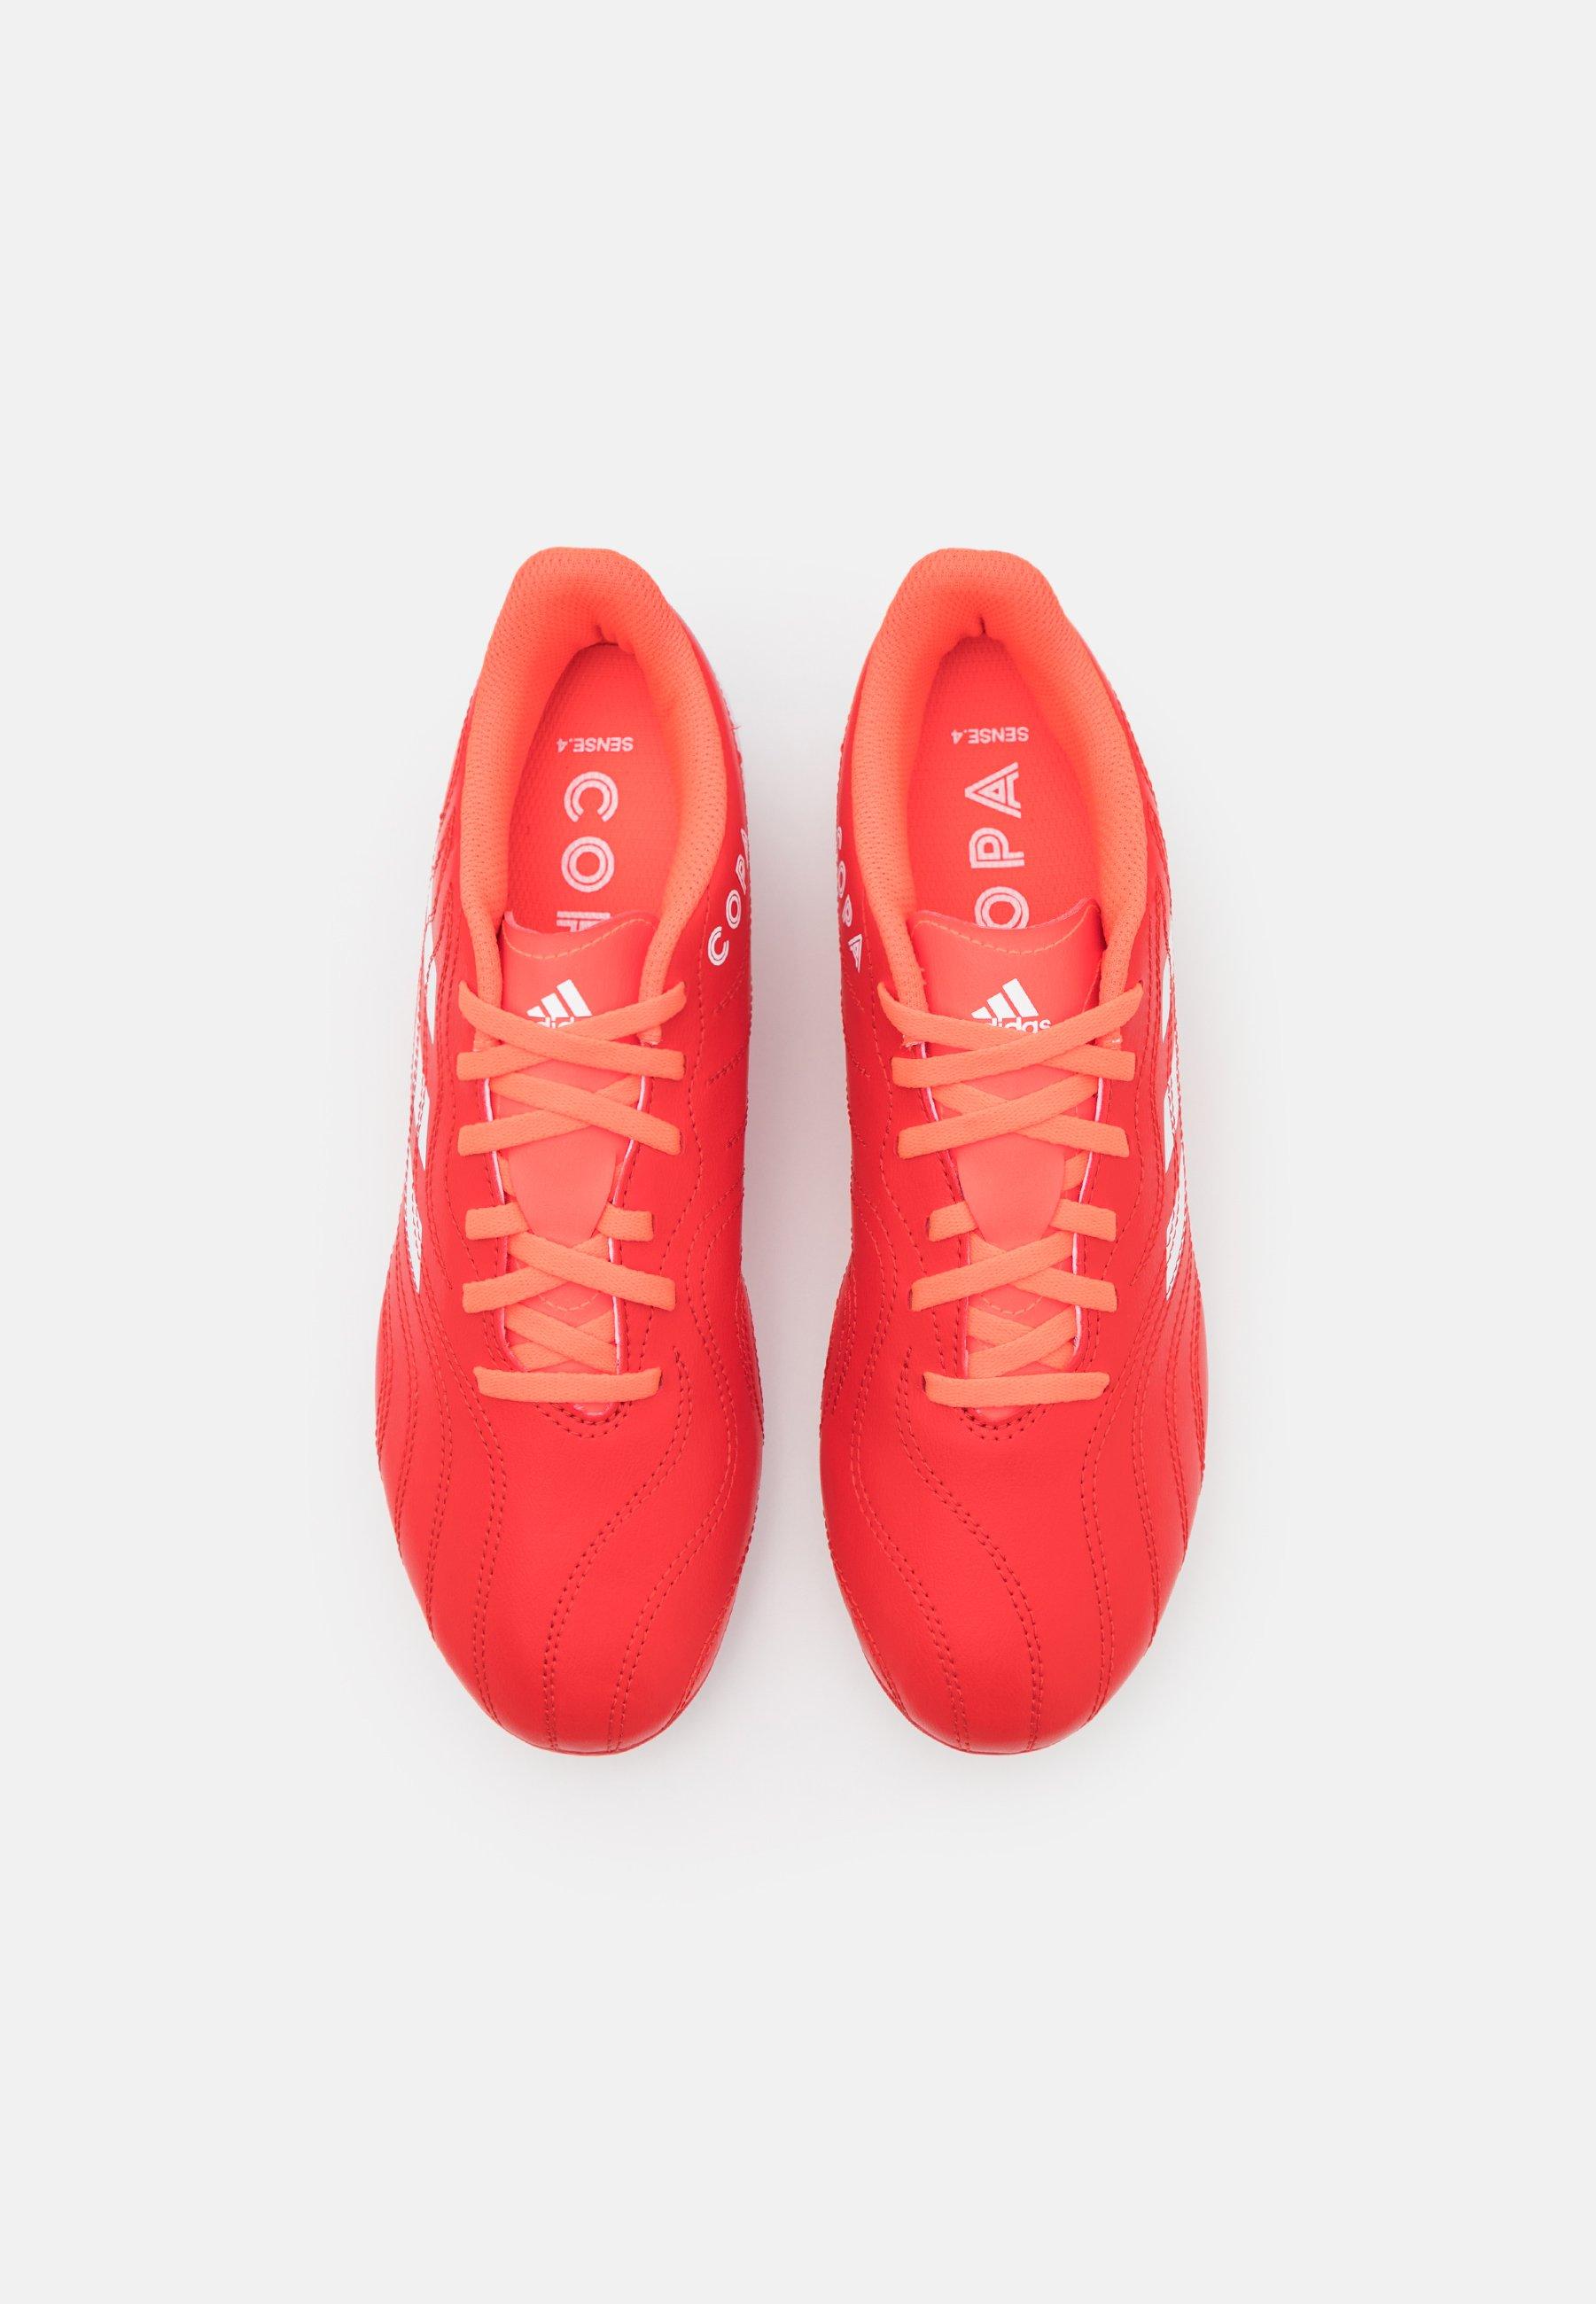 Homme COPA SENSE.4 FXG - Chaussures de foot à crampons